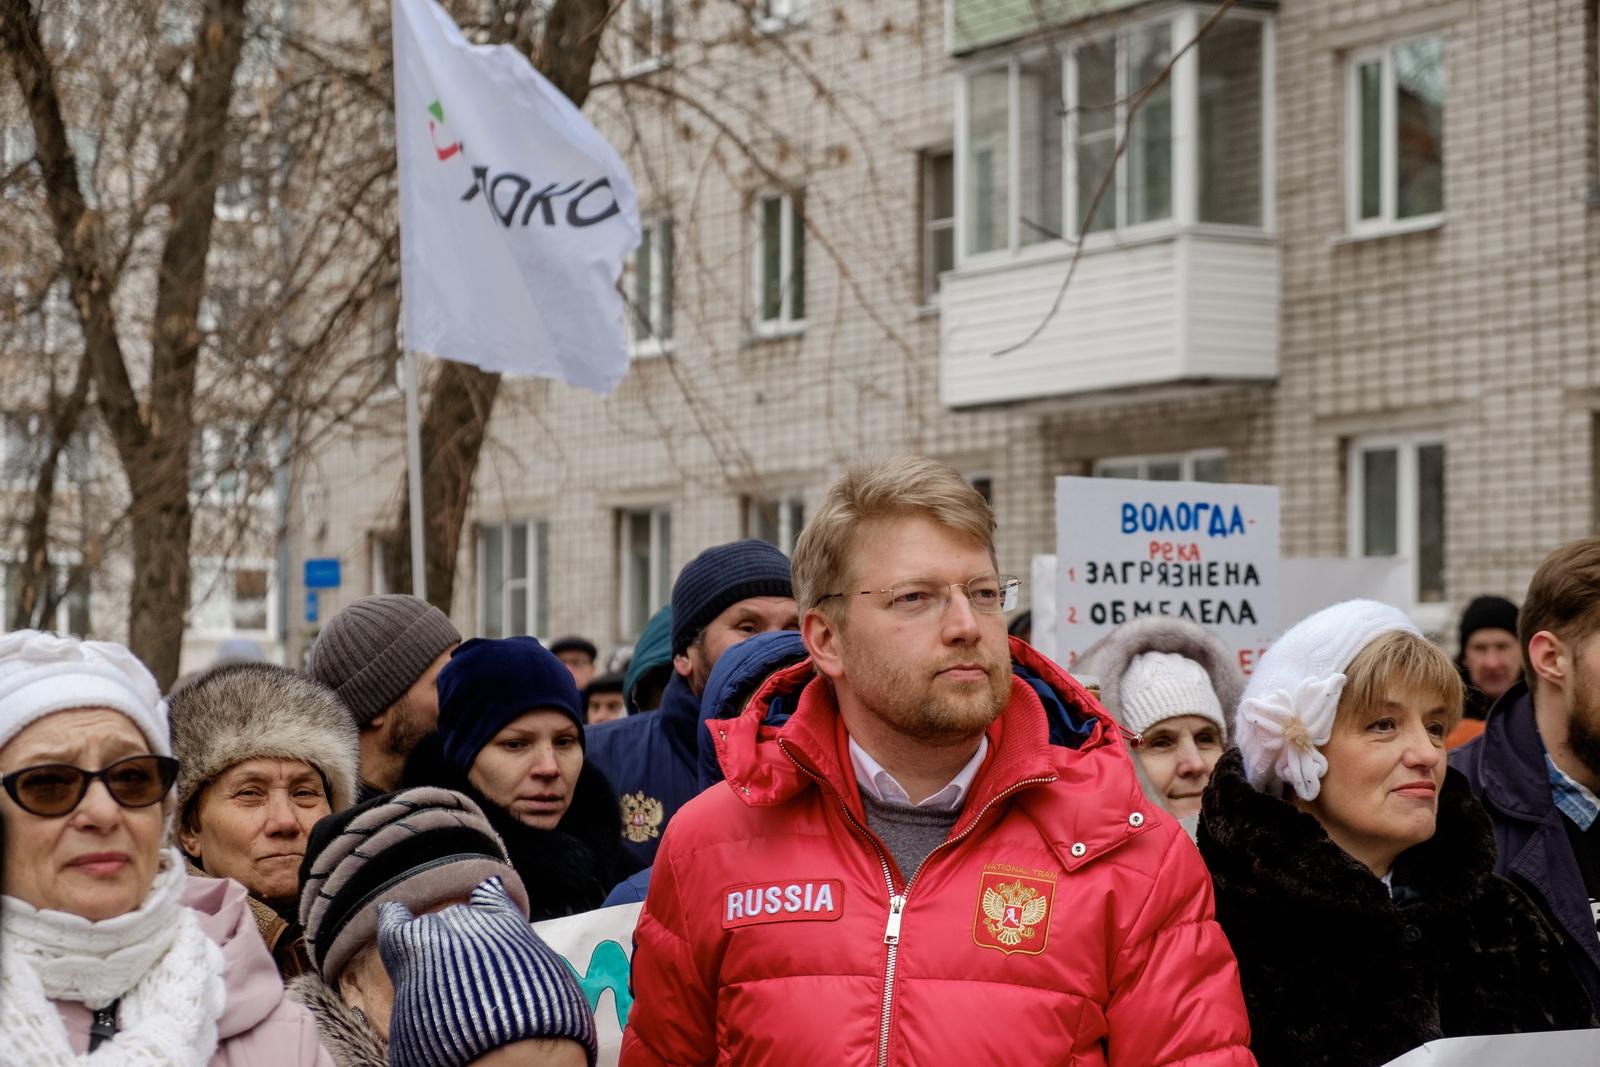 Зампредседателя партии «Яблоко» Николай Рыбаков: «Хочется, чтобы Вологда стала душой Русского Севера в действительности, а не только в брендбуке региональных властей»